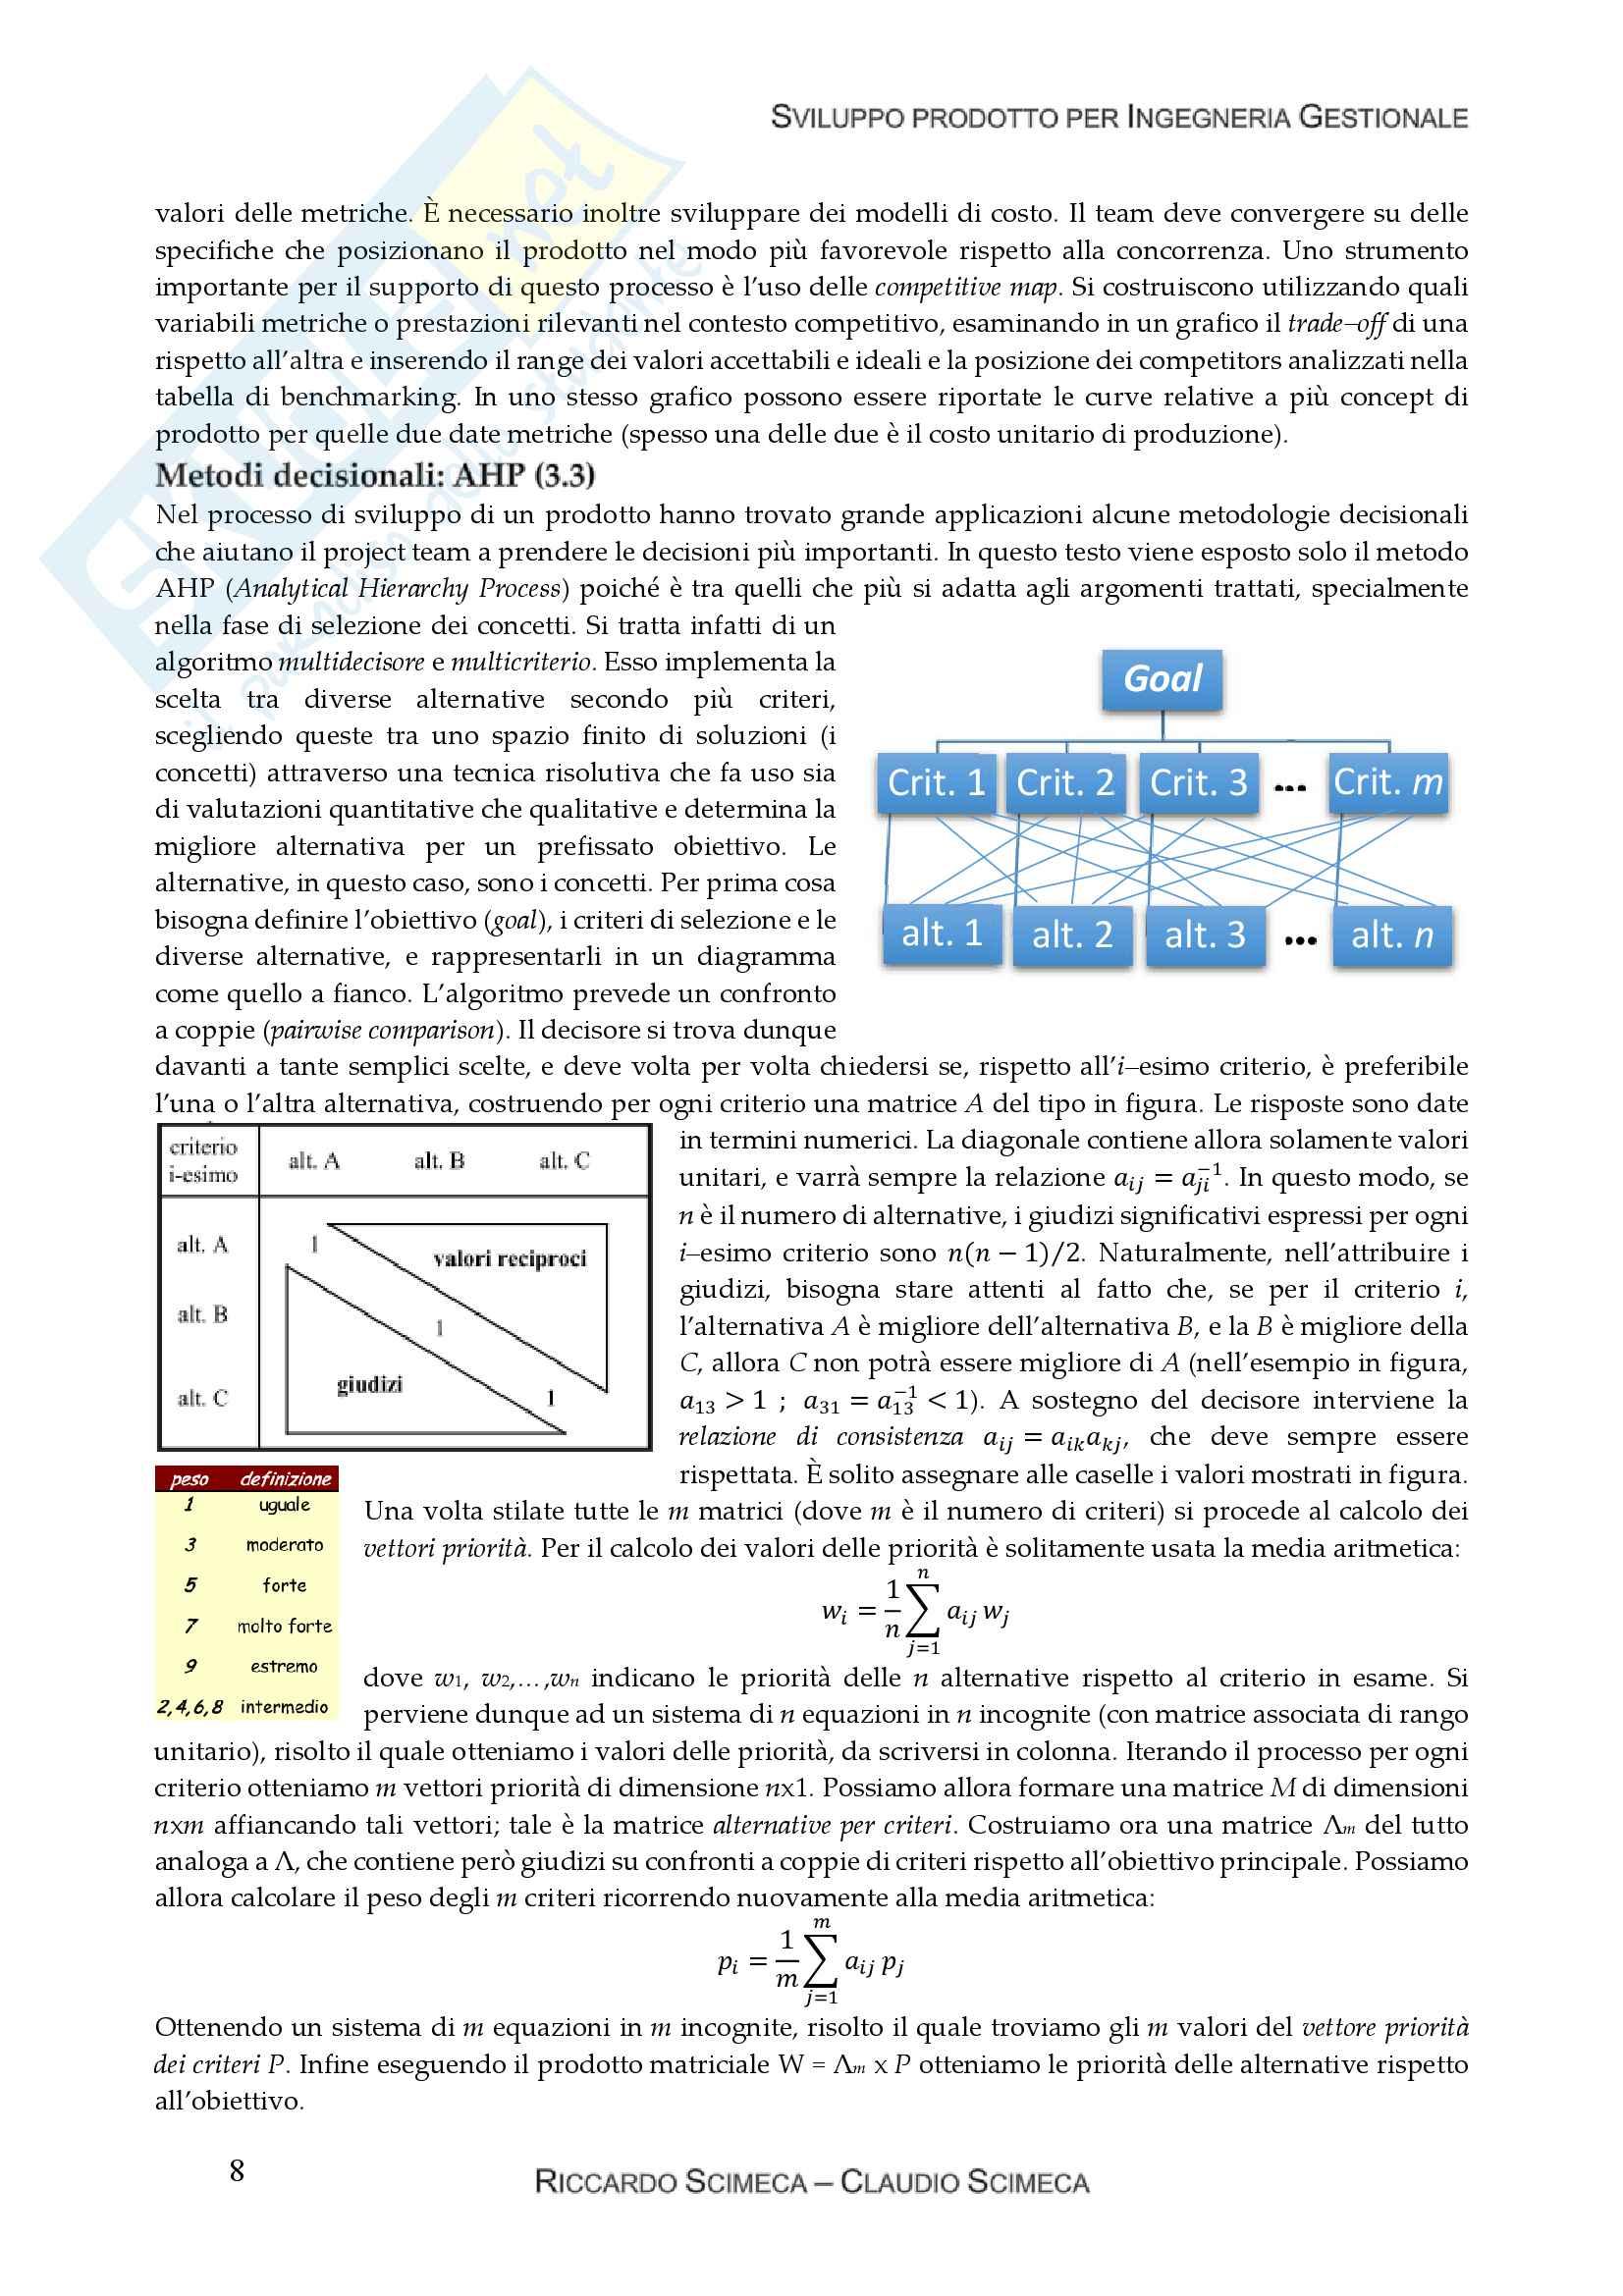 Ingegnerizzazione e sviluppo prodotto Pag. 11